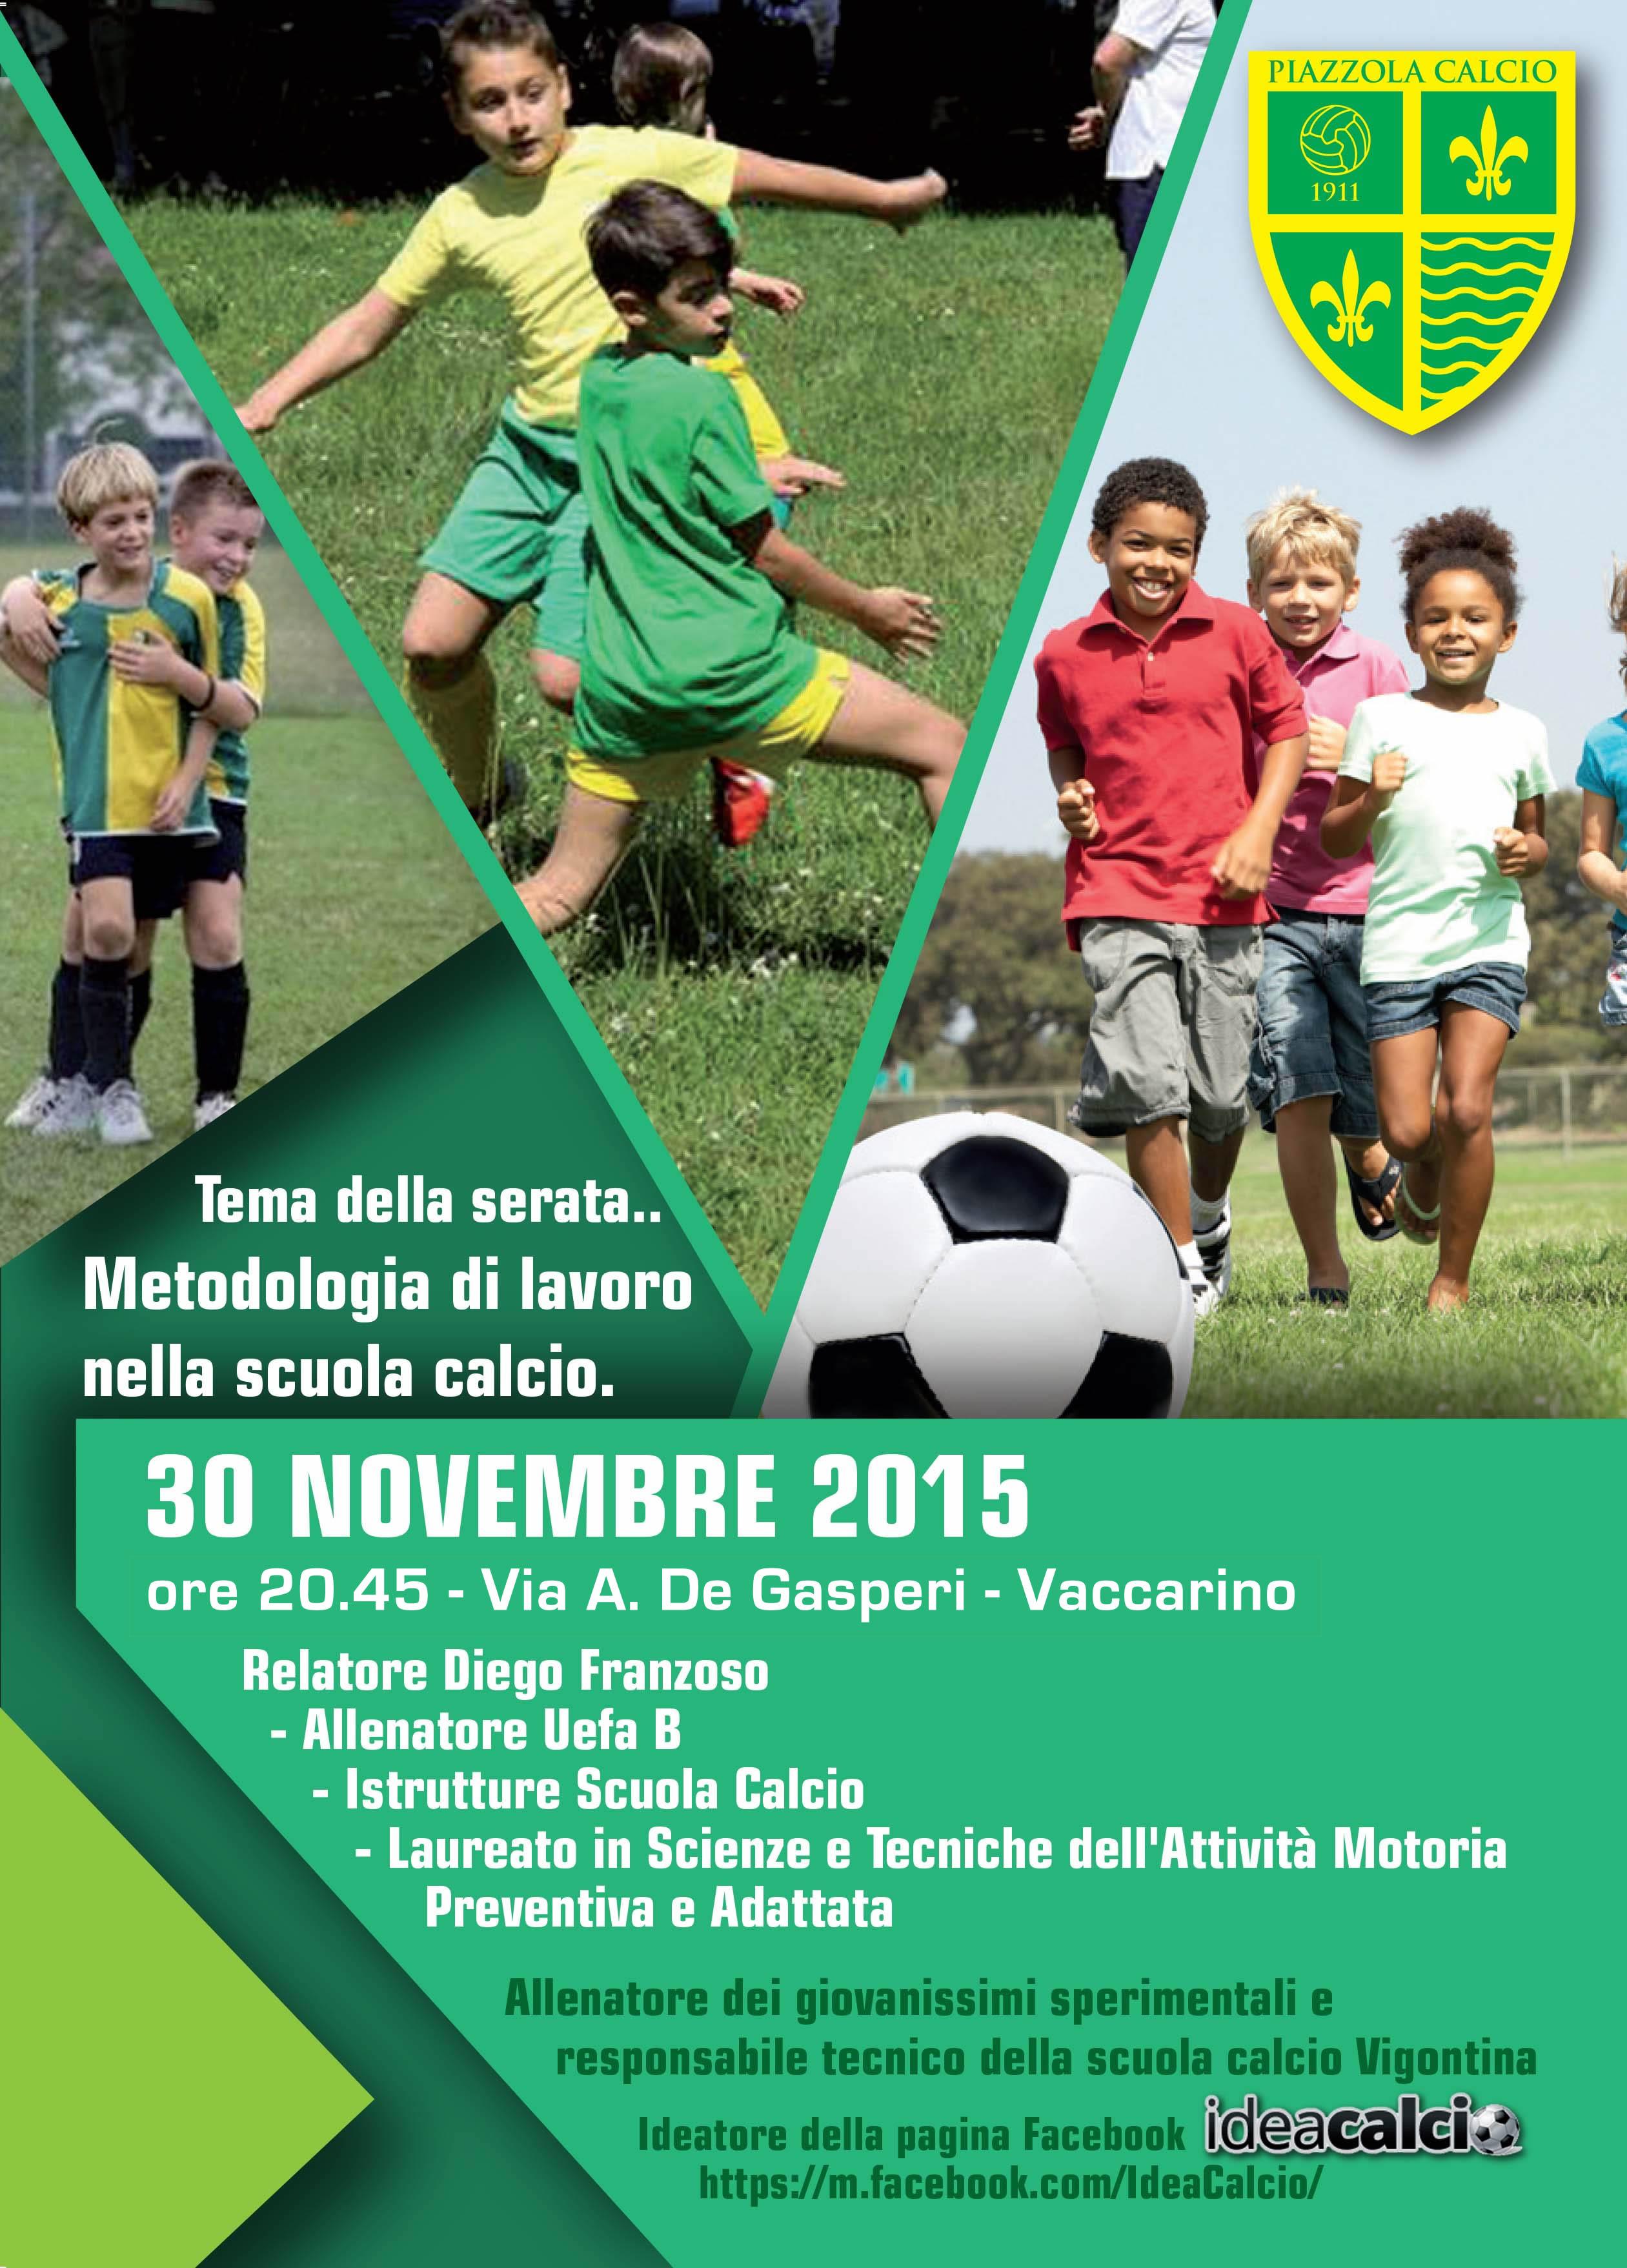 Scuola Calcio Diego Franzoso